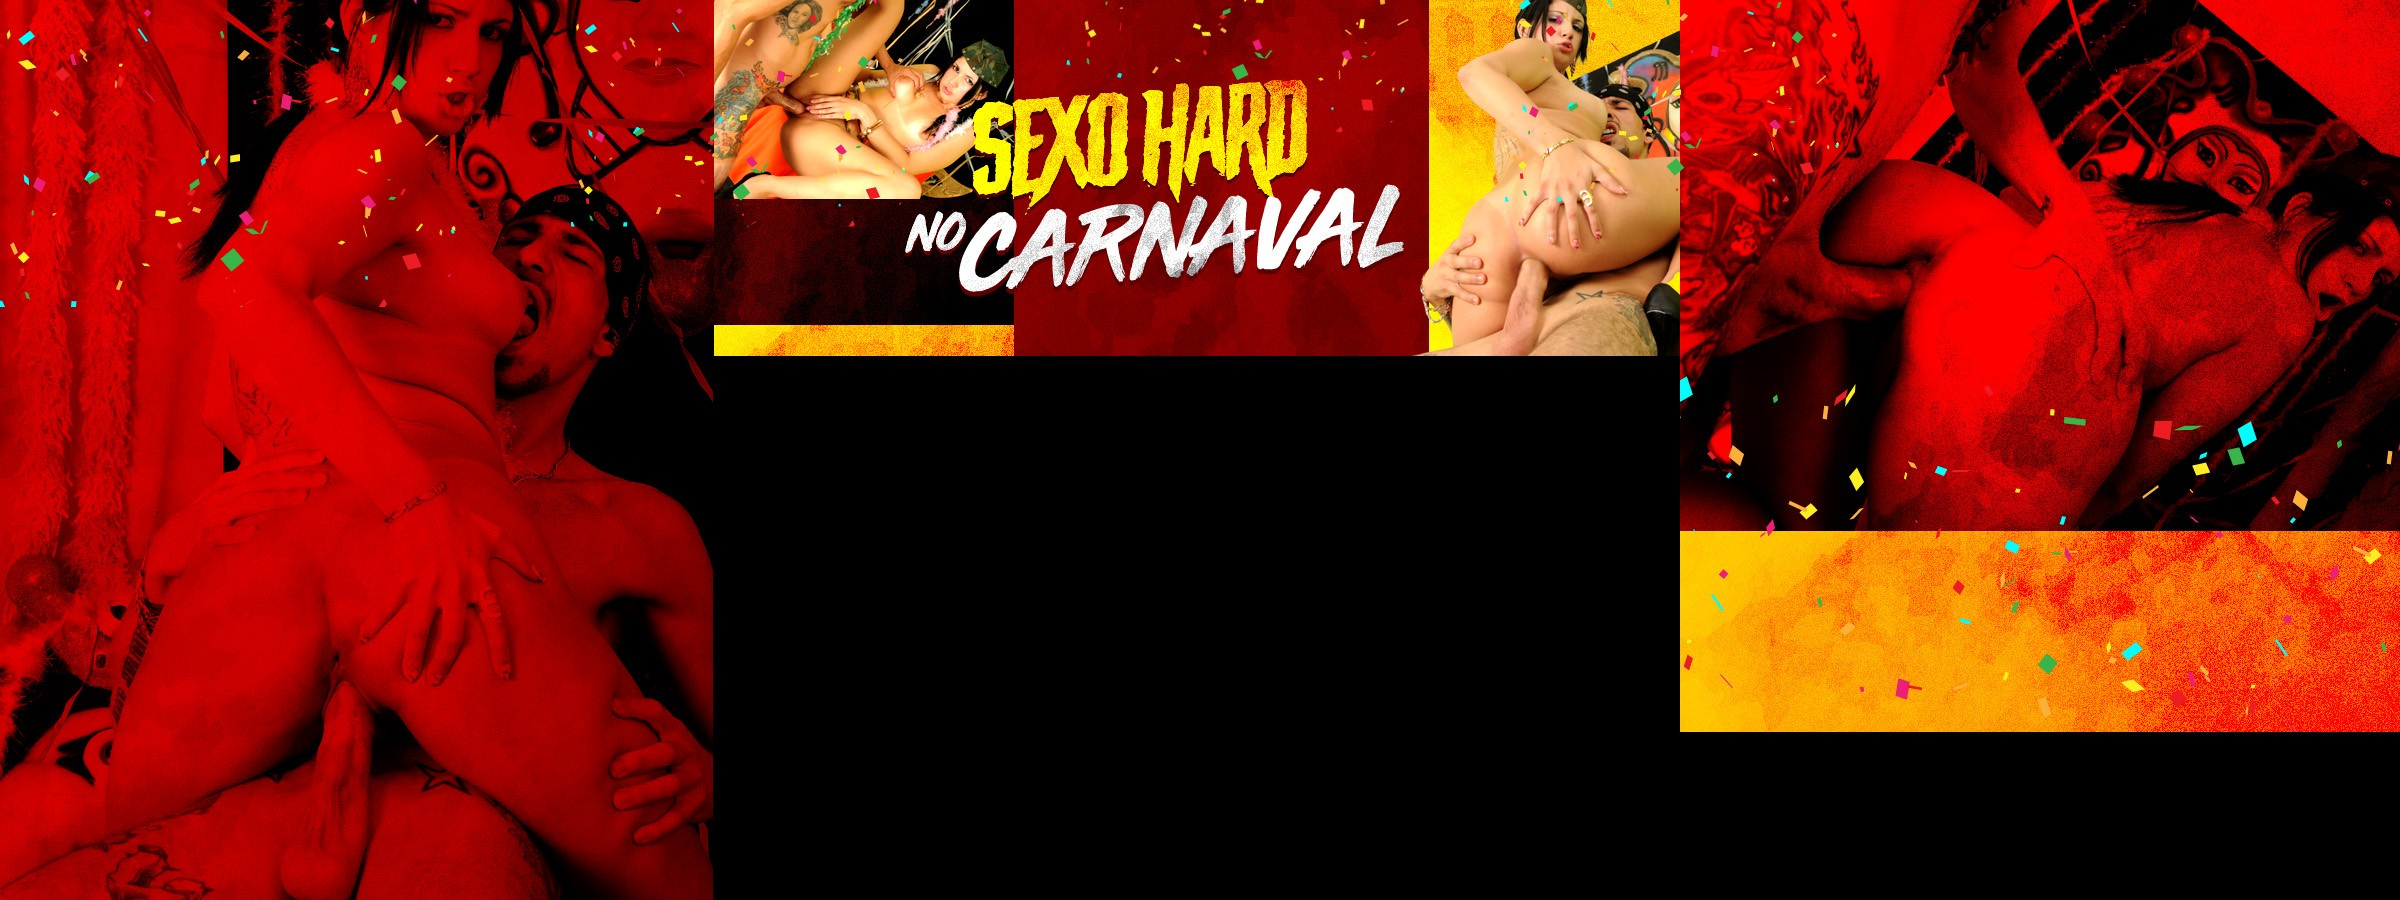 Sexo Hard no Carnaval com a ninfeta Britney